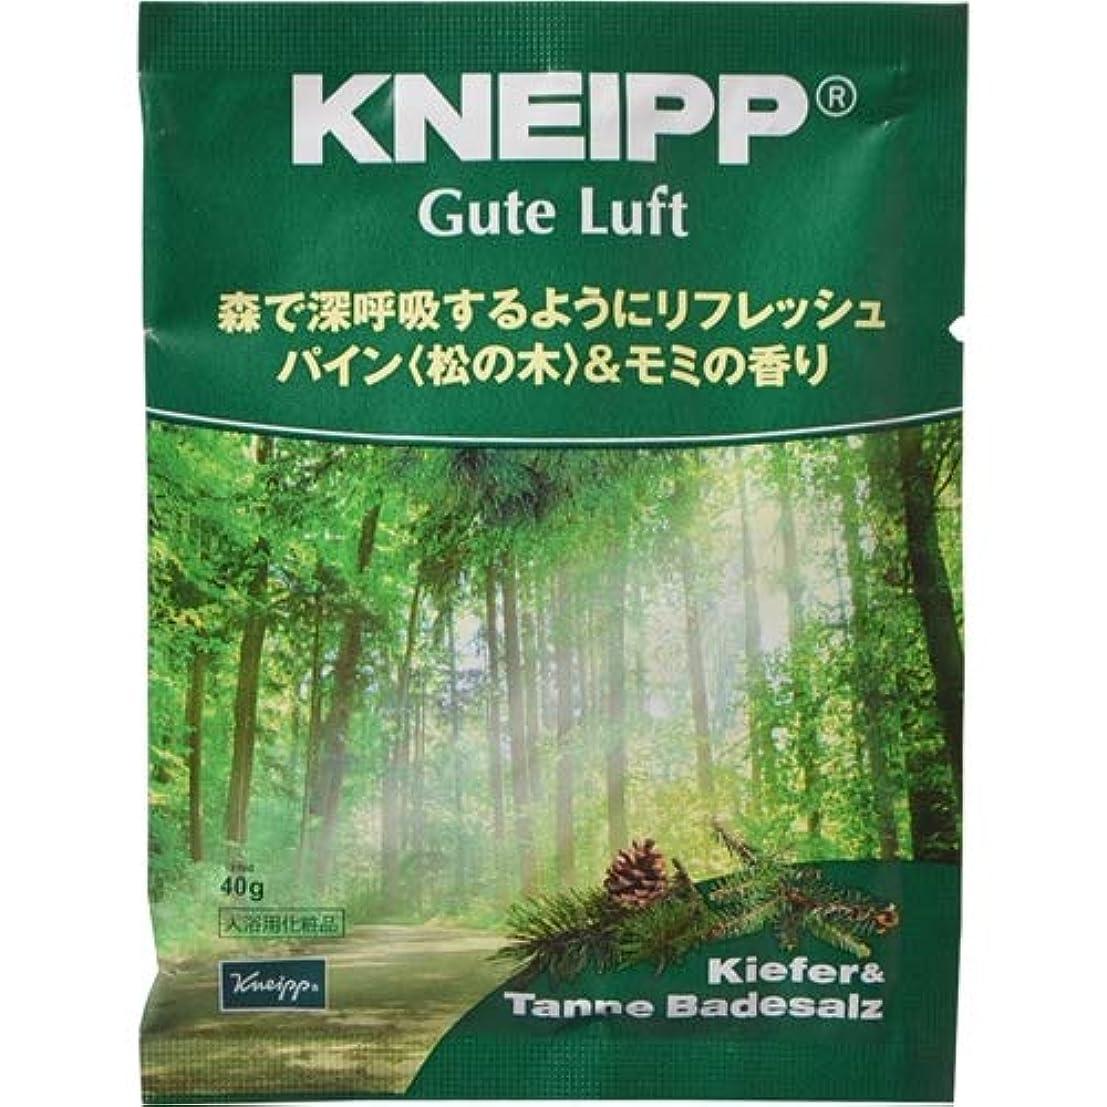 襲撃同じ序文クナイプ?ジャパン クナイプ グーテルフト バスソルト パイン<松の木>&モミの香り 40g